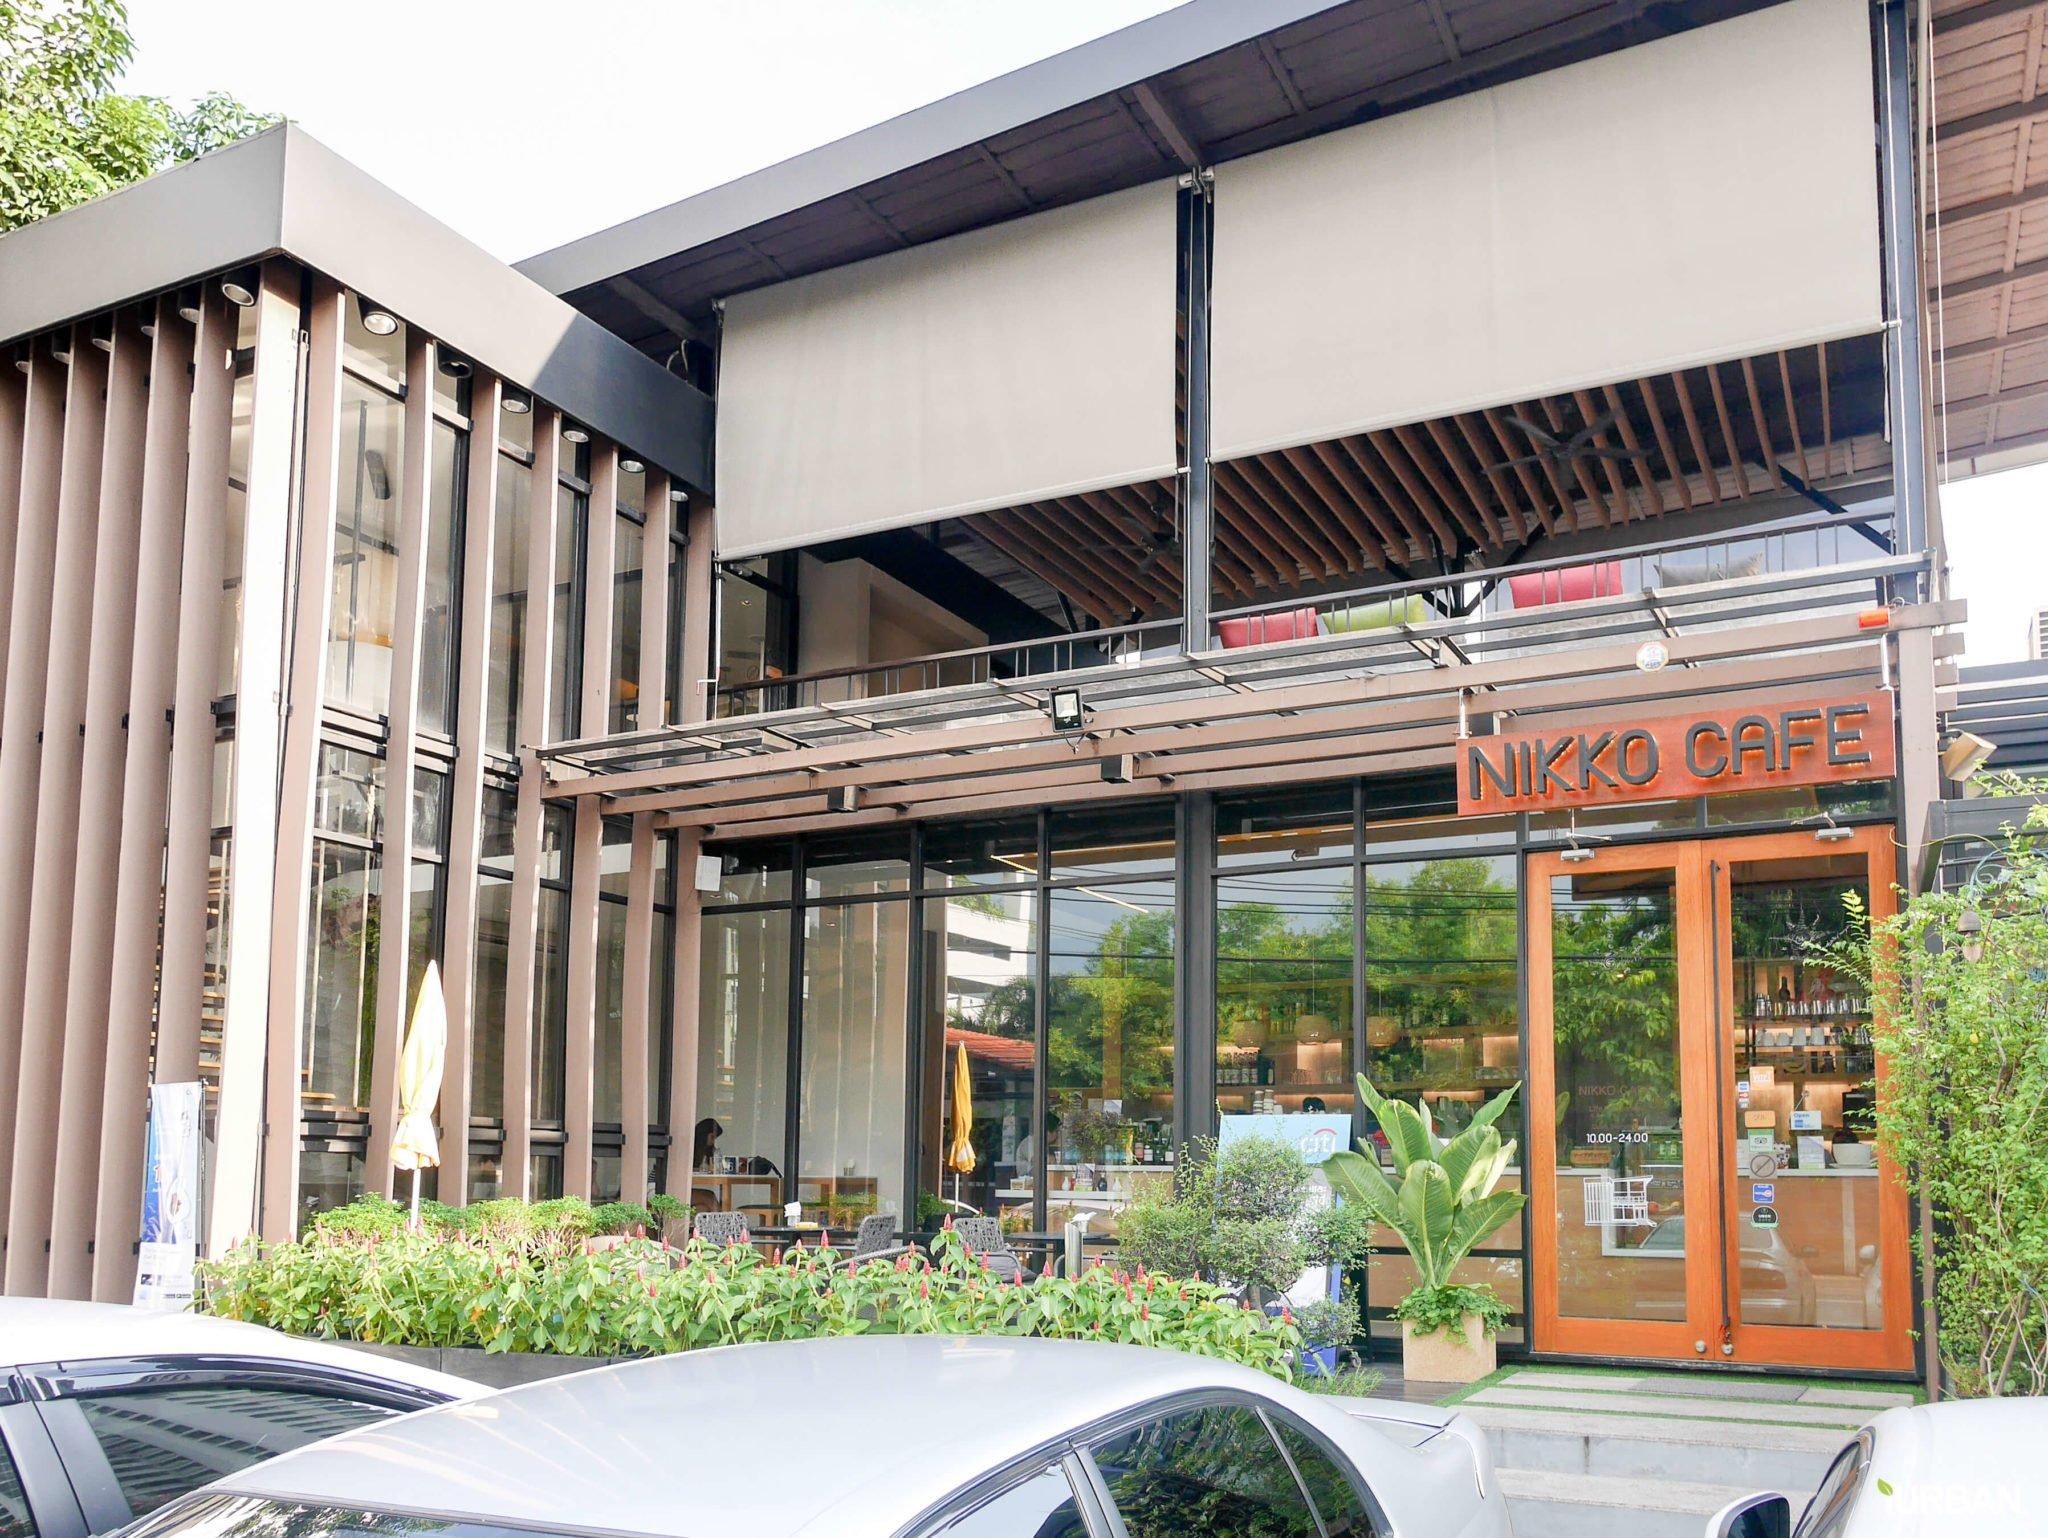 10 ร้านกาแฟ ทองหล่อ - เอกมัย เครื่องดื่มเด็ด บรรยากาศดี 52 - Ananda Development (อนันดา ดีเวลลอปเม้นท์)